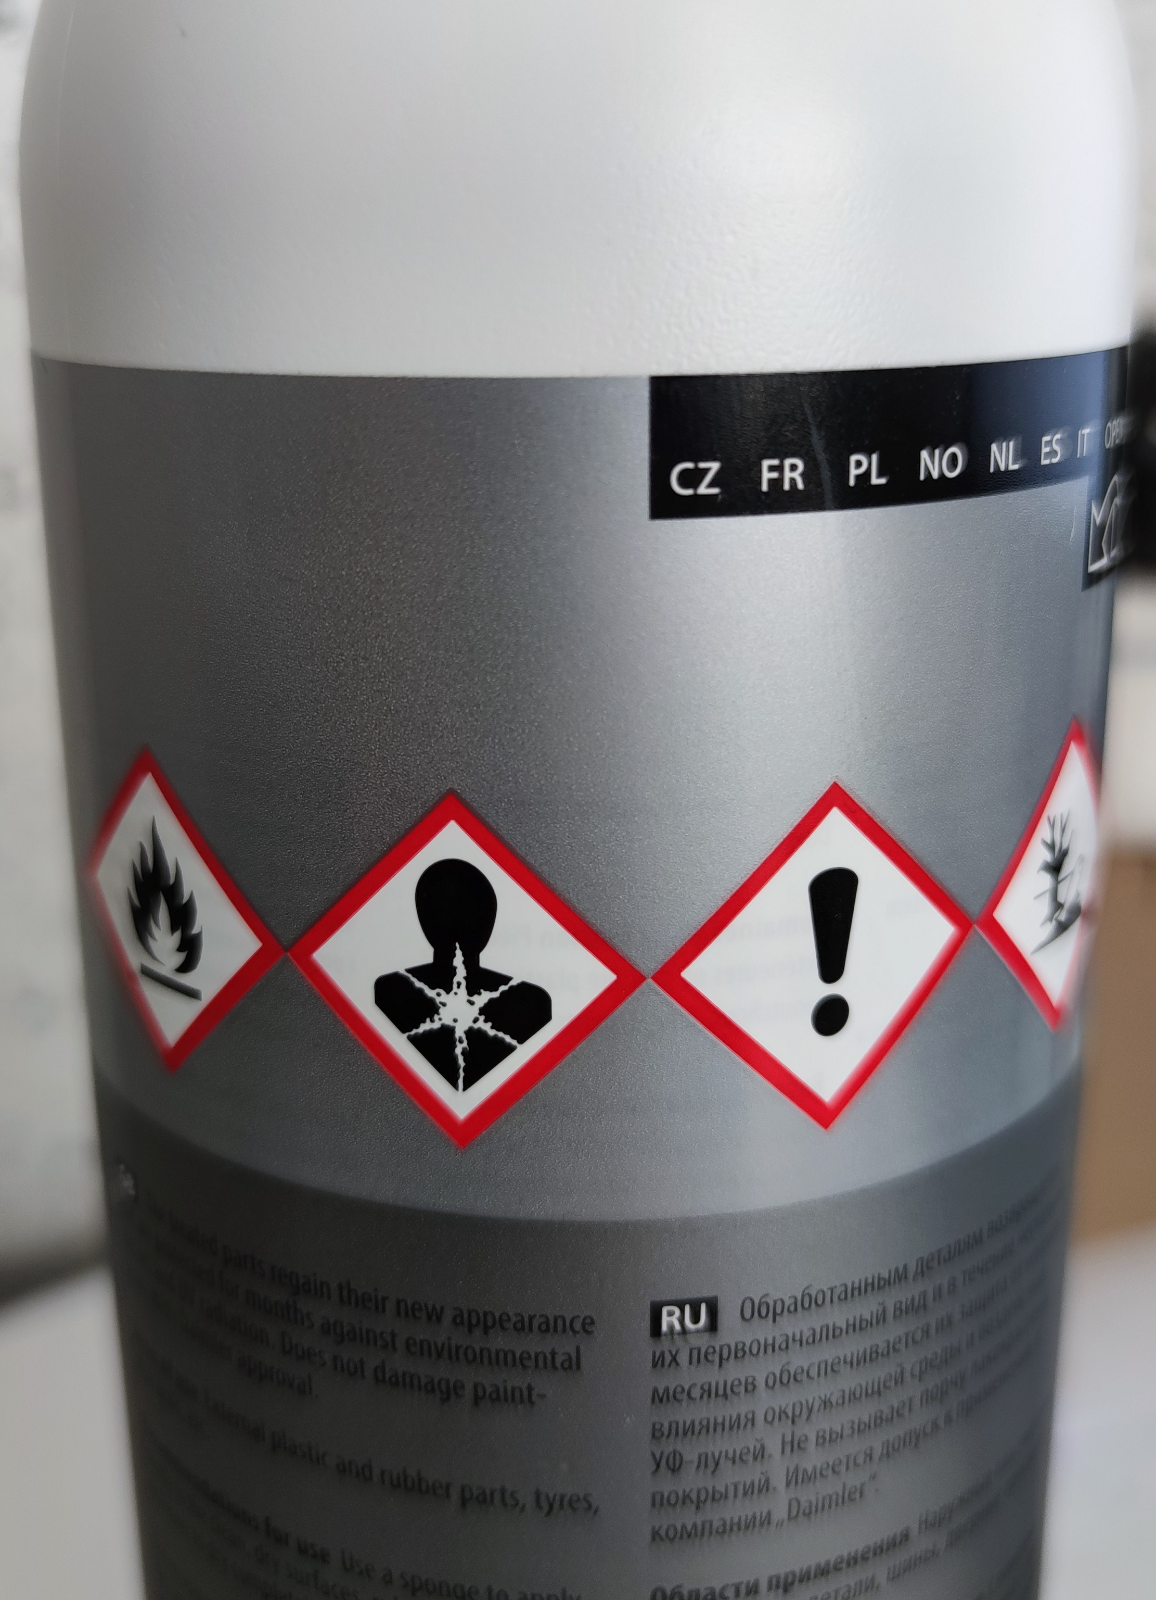 Koch Chemie Pss Plast Star siliconfrei Premium Kunststoffpflege 1L Liter - 1.St